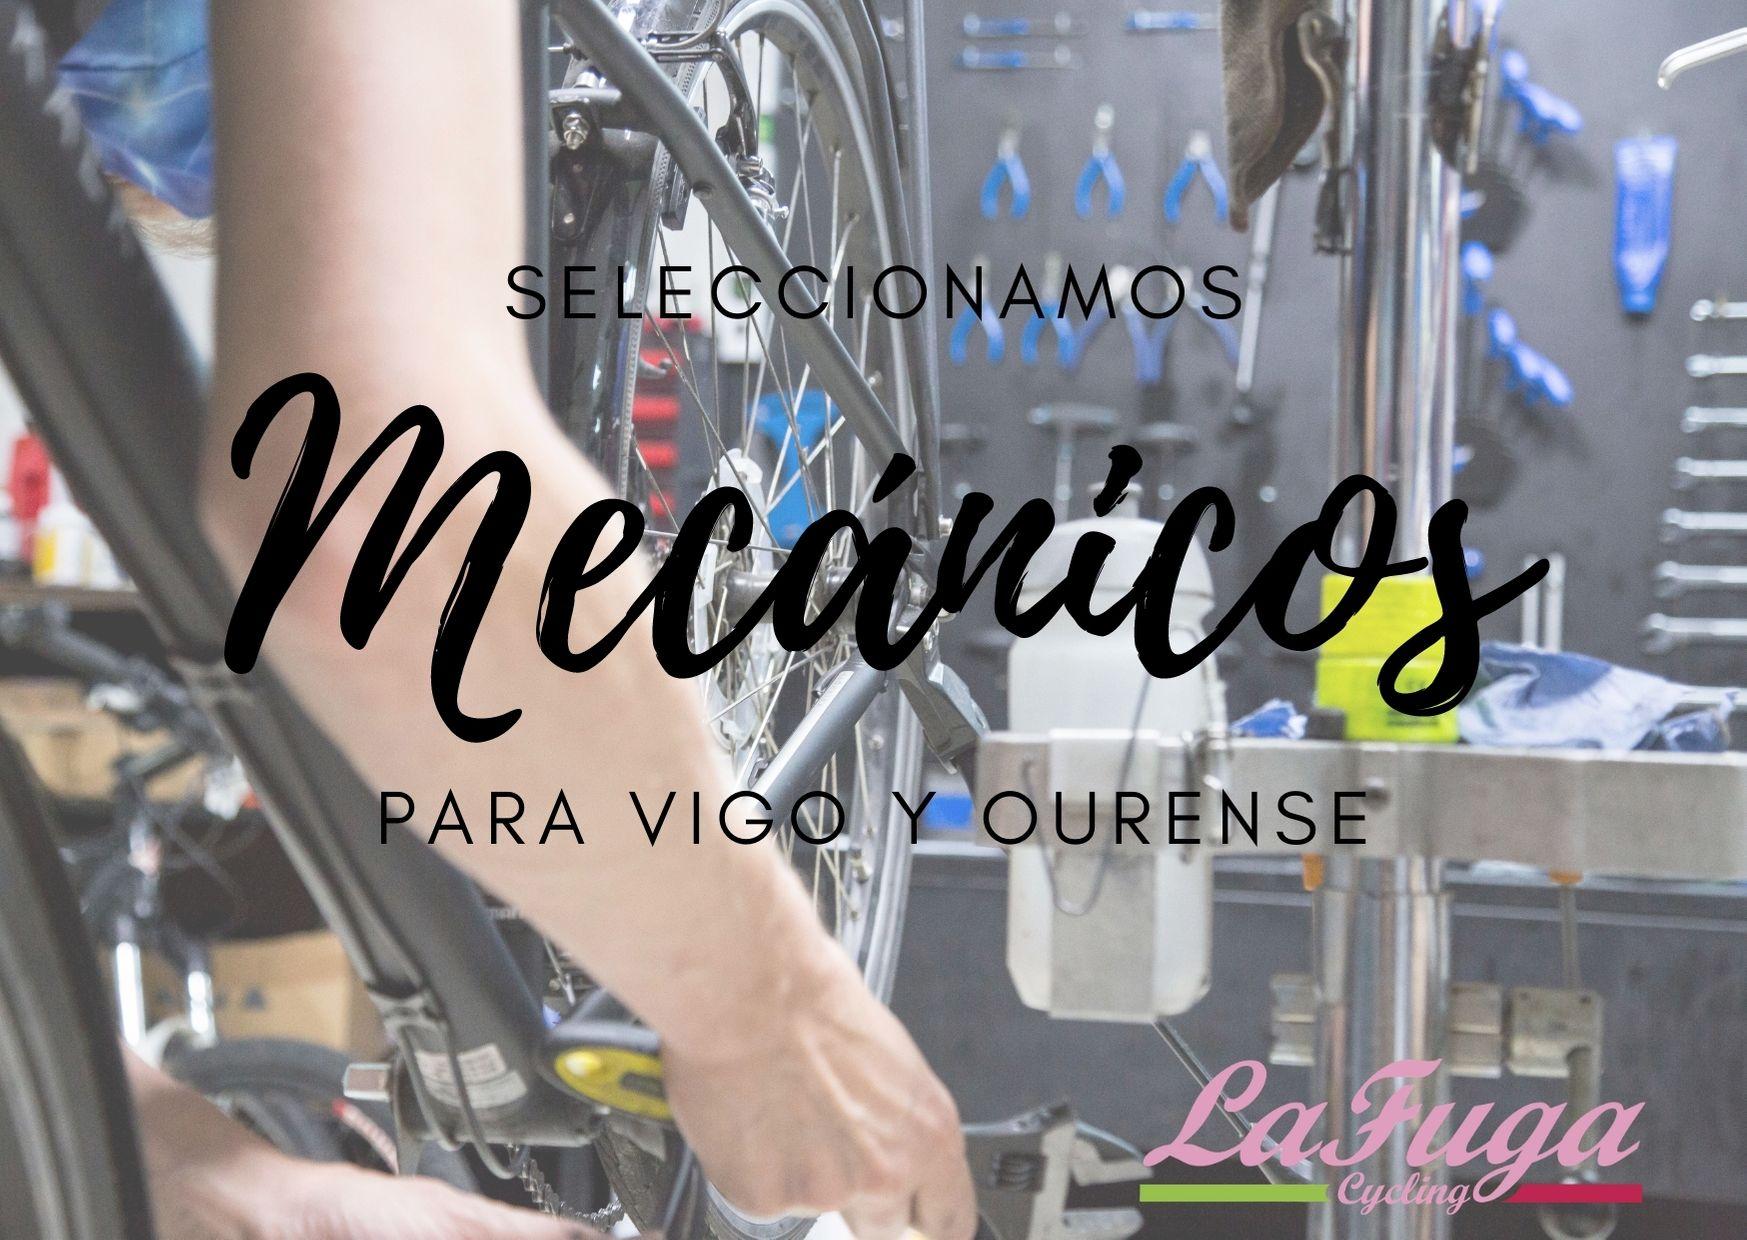 LaFuga Cycling busca dos mecánicos para sus tiendas de Vigo y Ourense